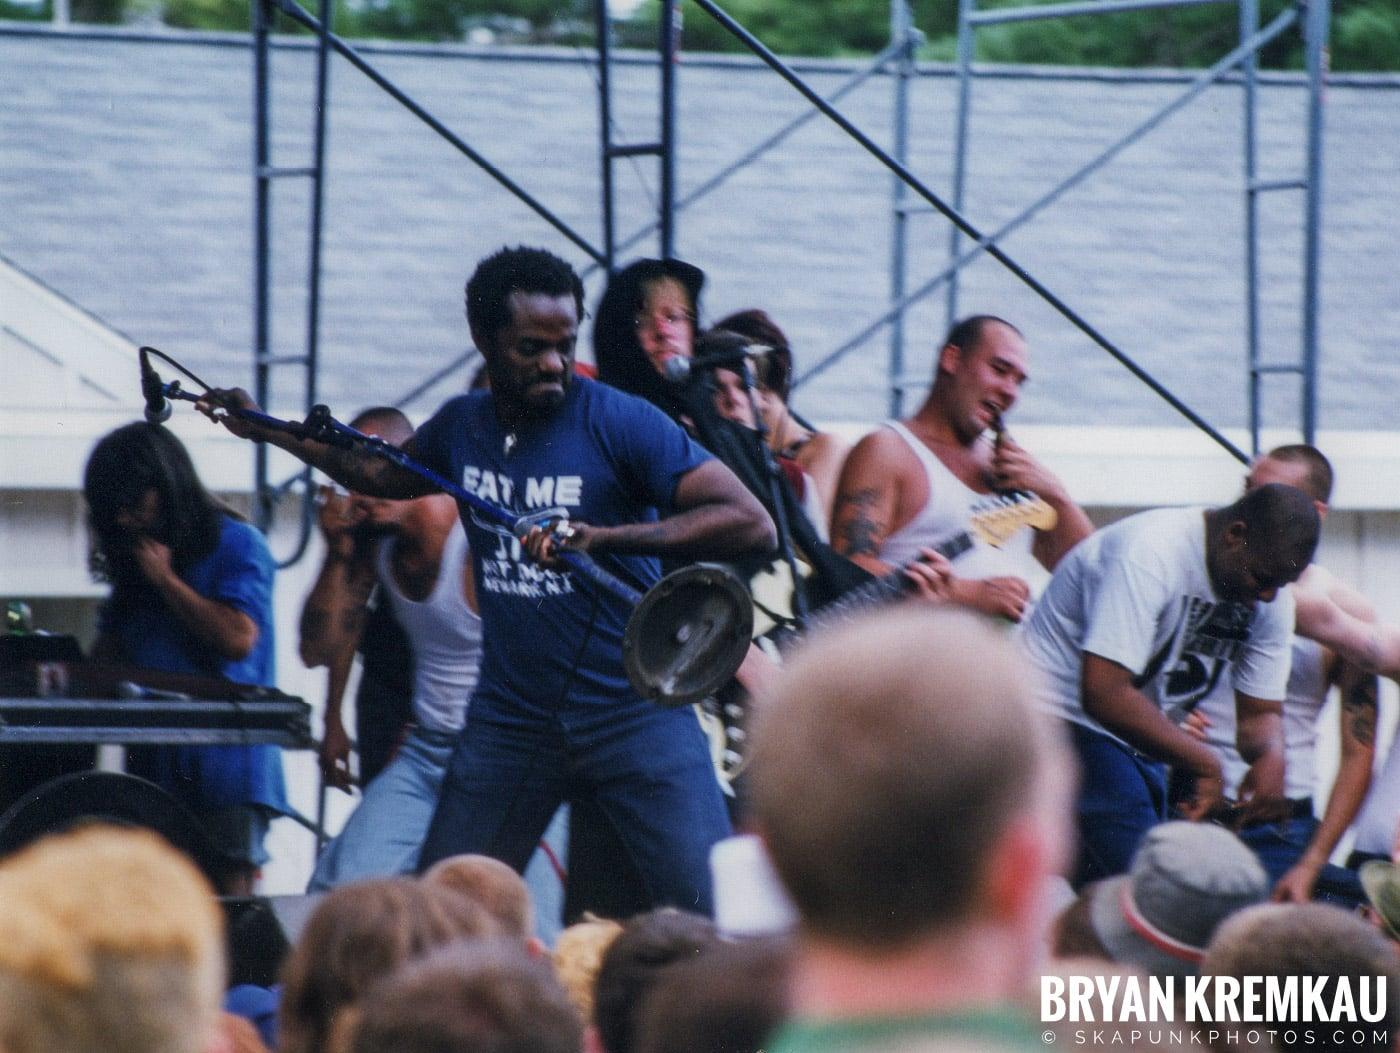 Mephiskapheles @ New England Ska Fest 98, Westford, MA - 8.22.98 (2)